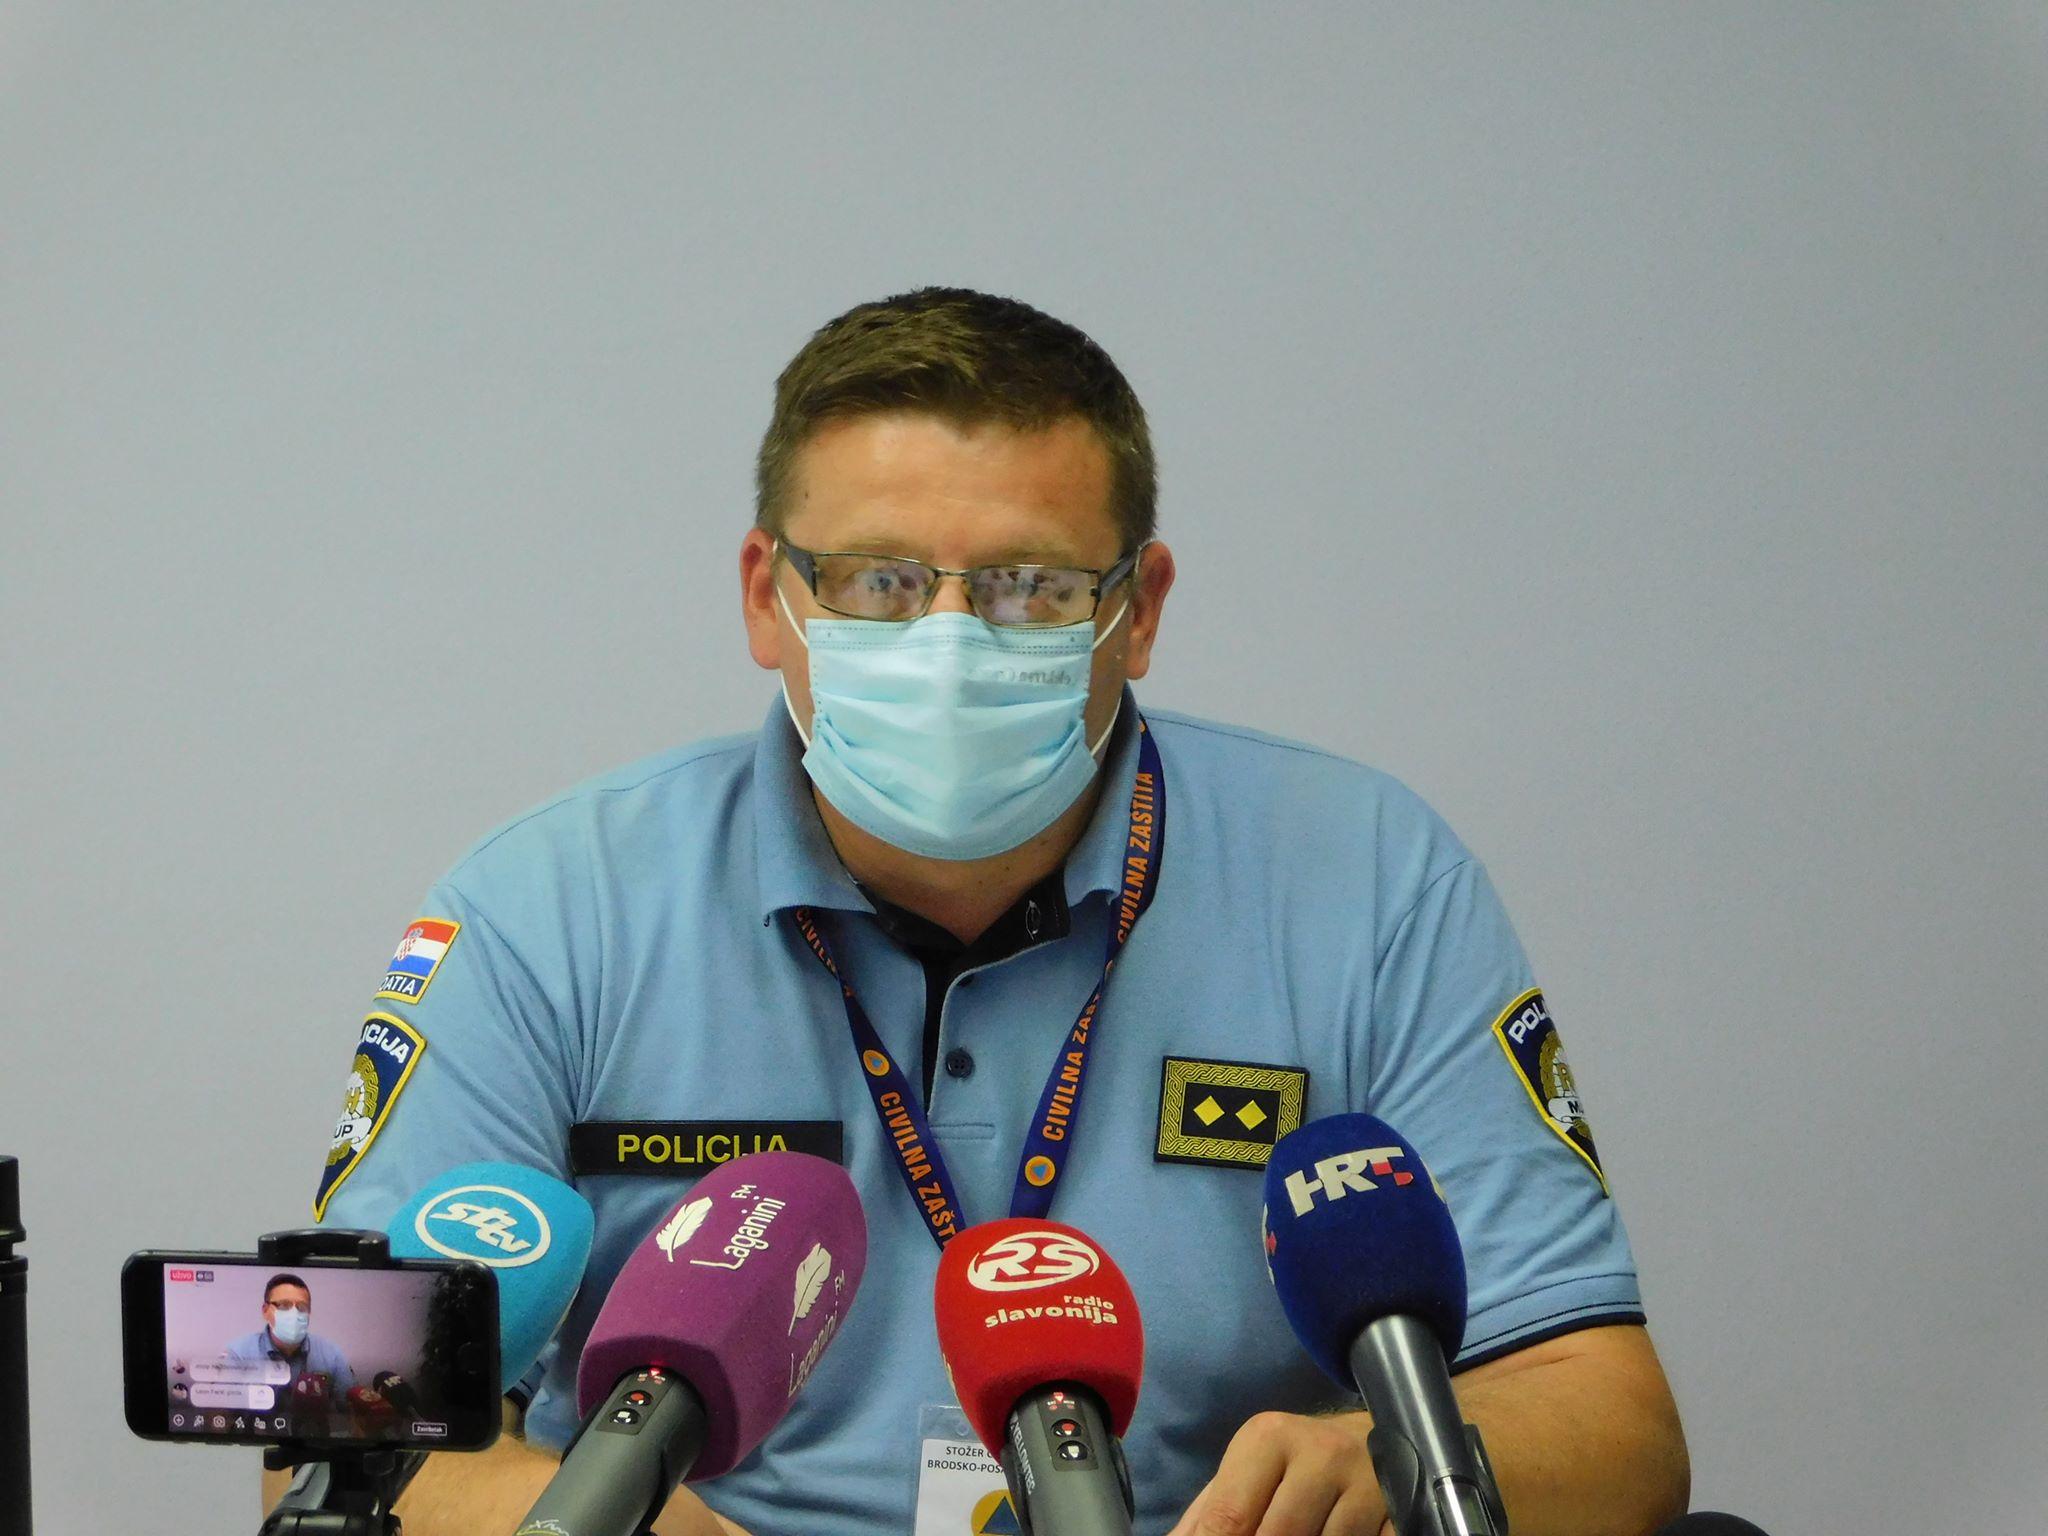 Građani od danas mogu u Bosnu i Hercegovinu bez obvezne samoizolacije pri povratku